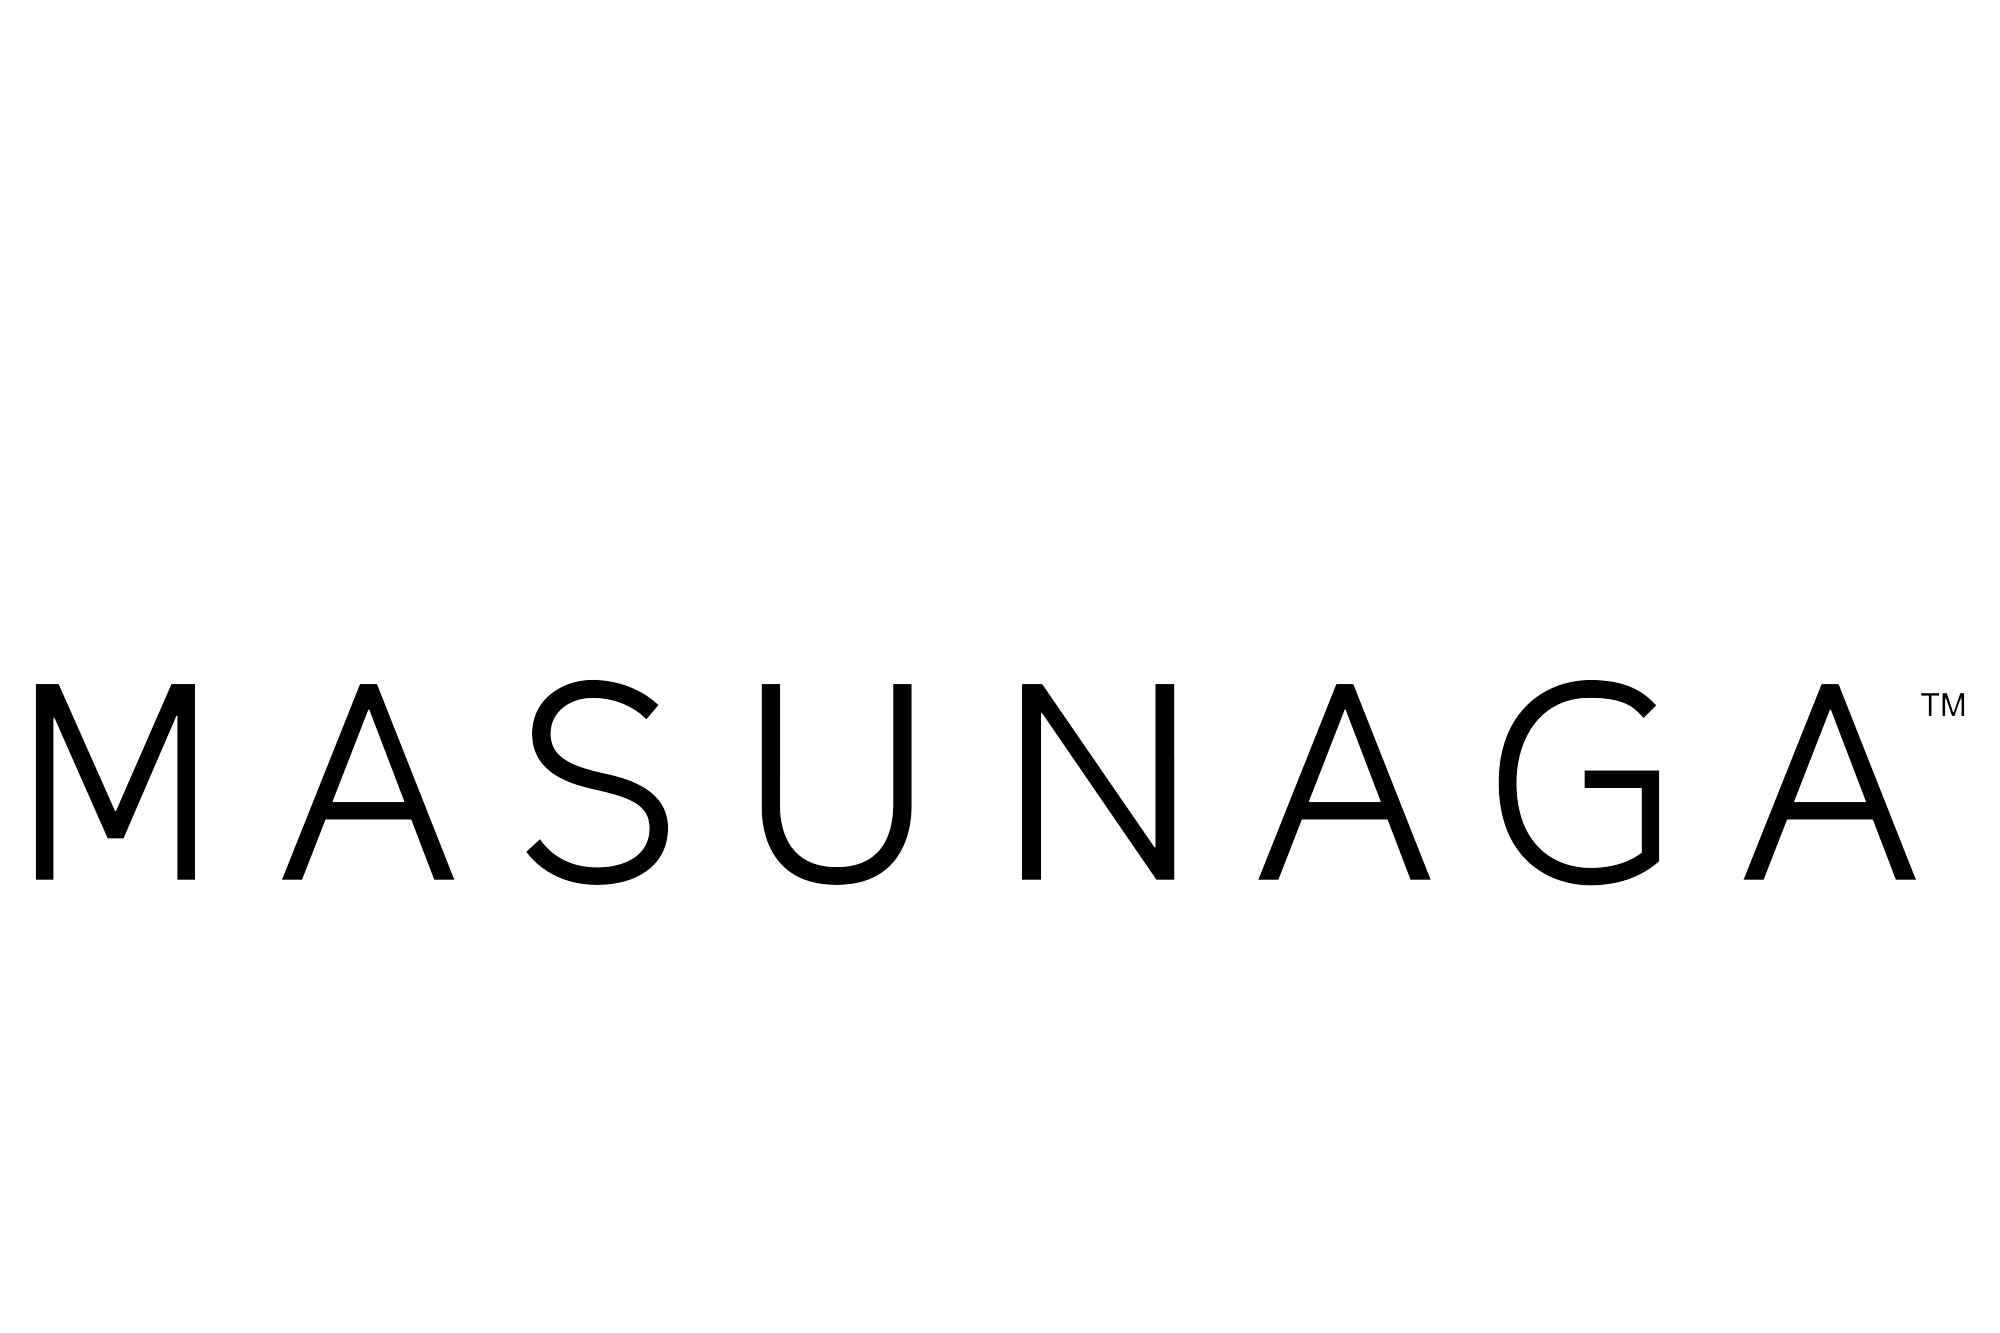 Masunaga - since 1905